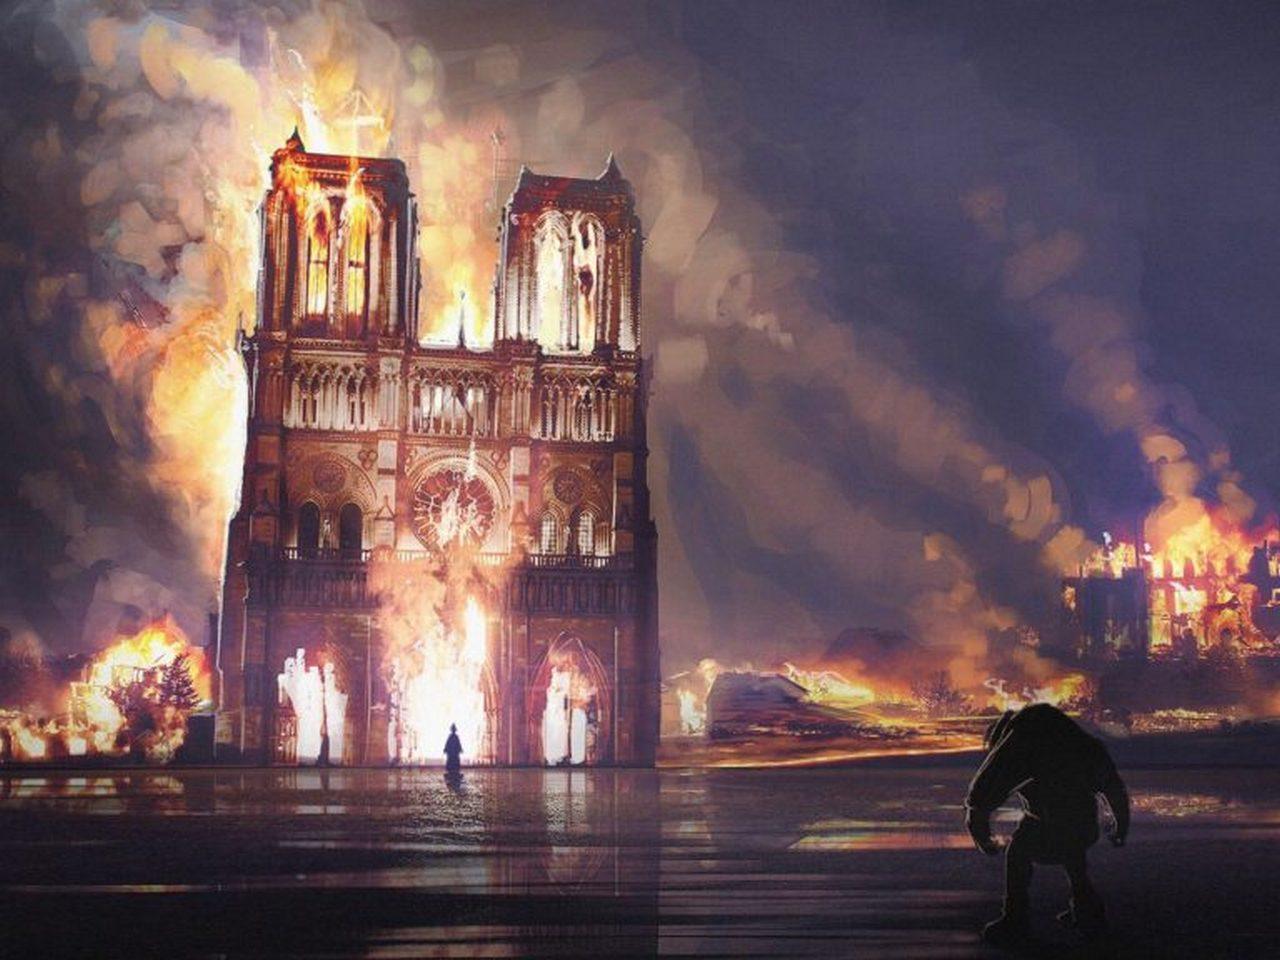 Пожар в Соборе Парижской Богоматери как точка отсчета в новой войне противоборствующих архетипов